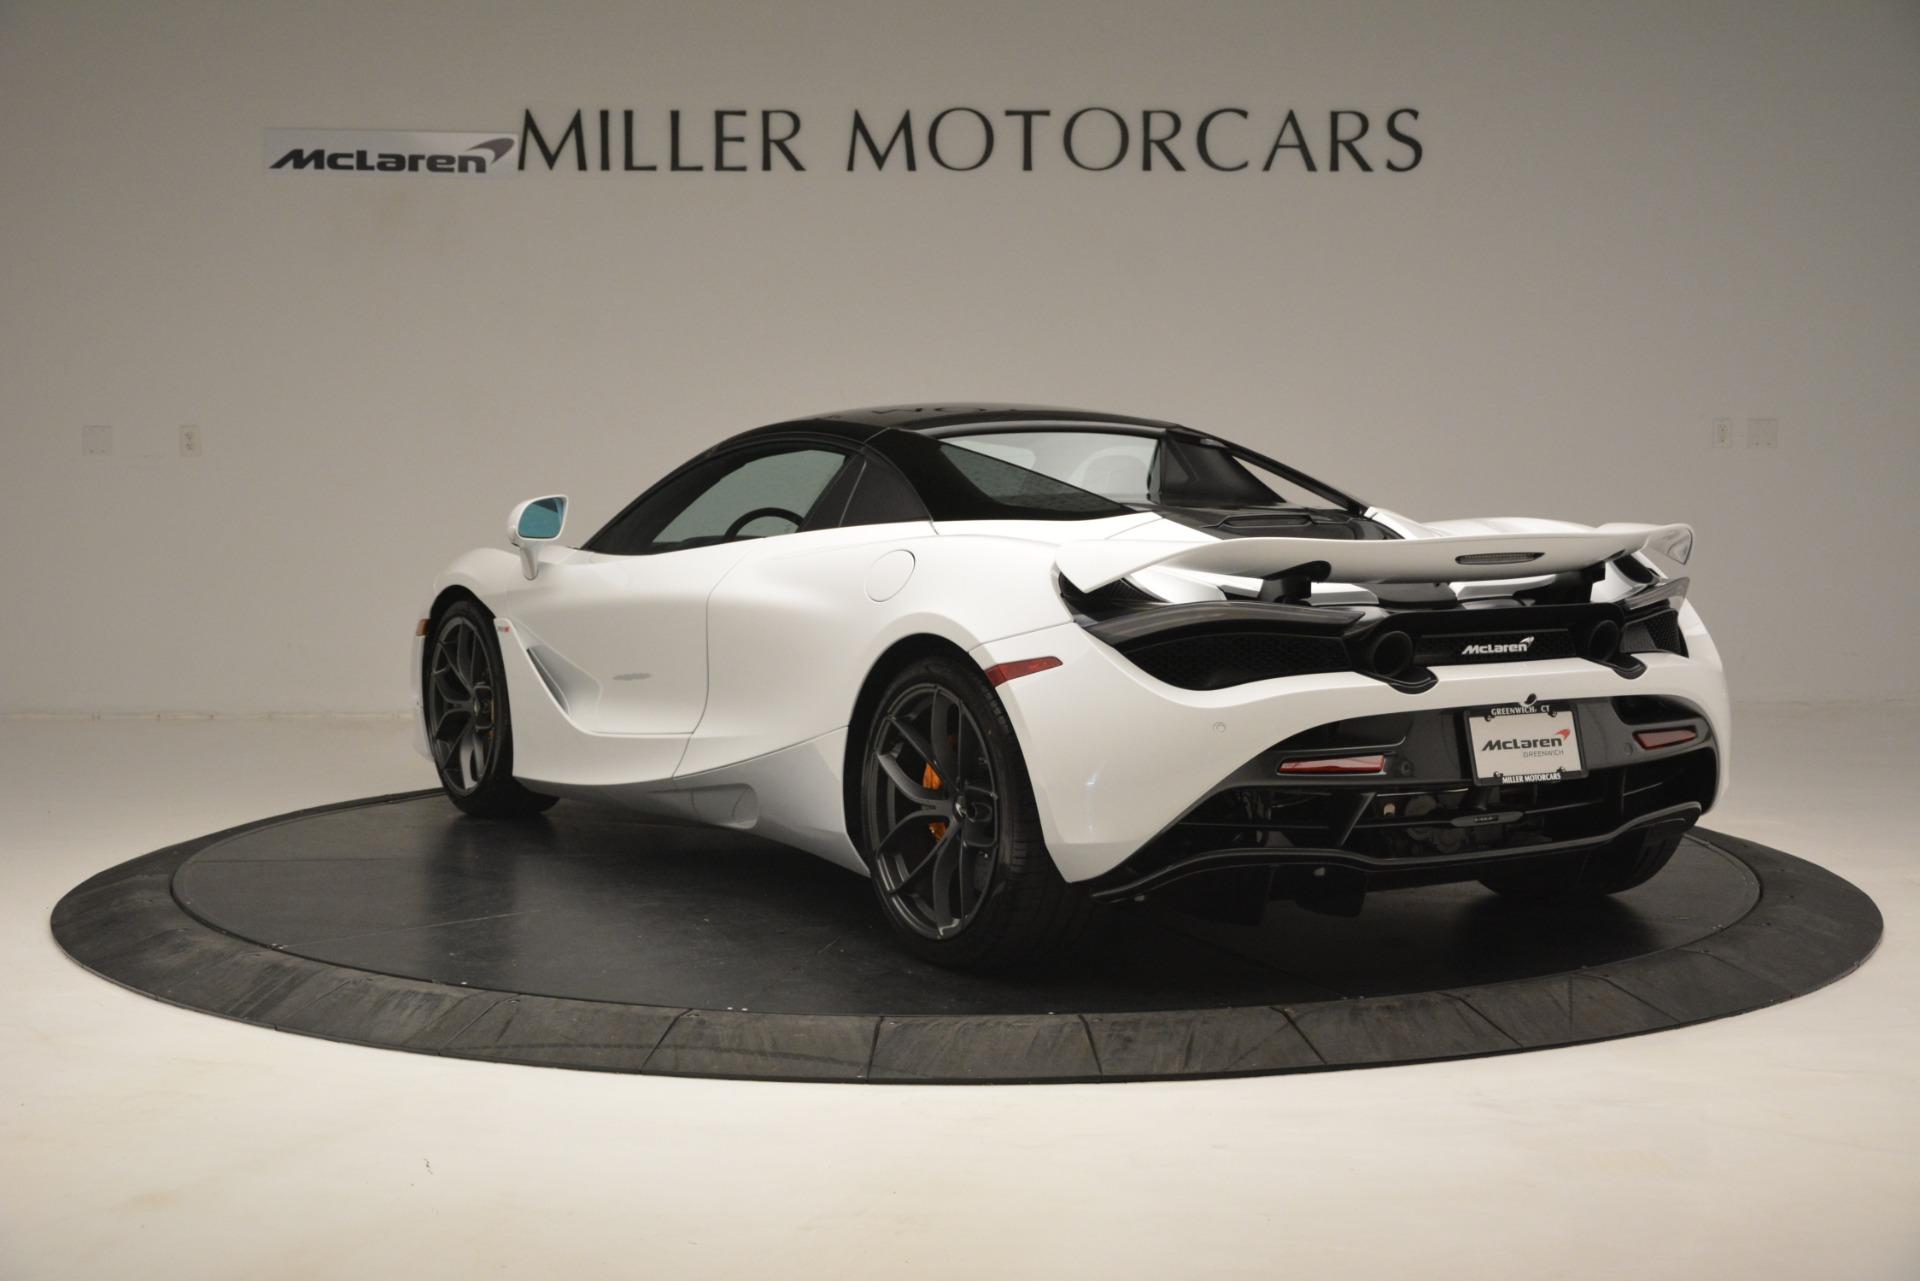 New 2020 McLaren 720S Spider Convertible For Sale In Westport, CT 3229_p4